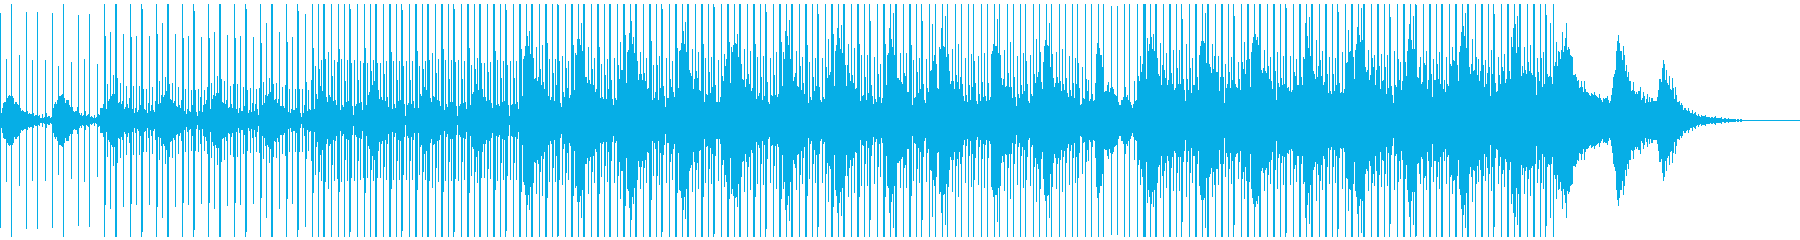 BOC風ローファイ・エレクトロニカの再生済みの波形